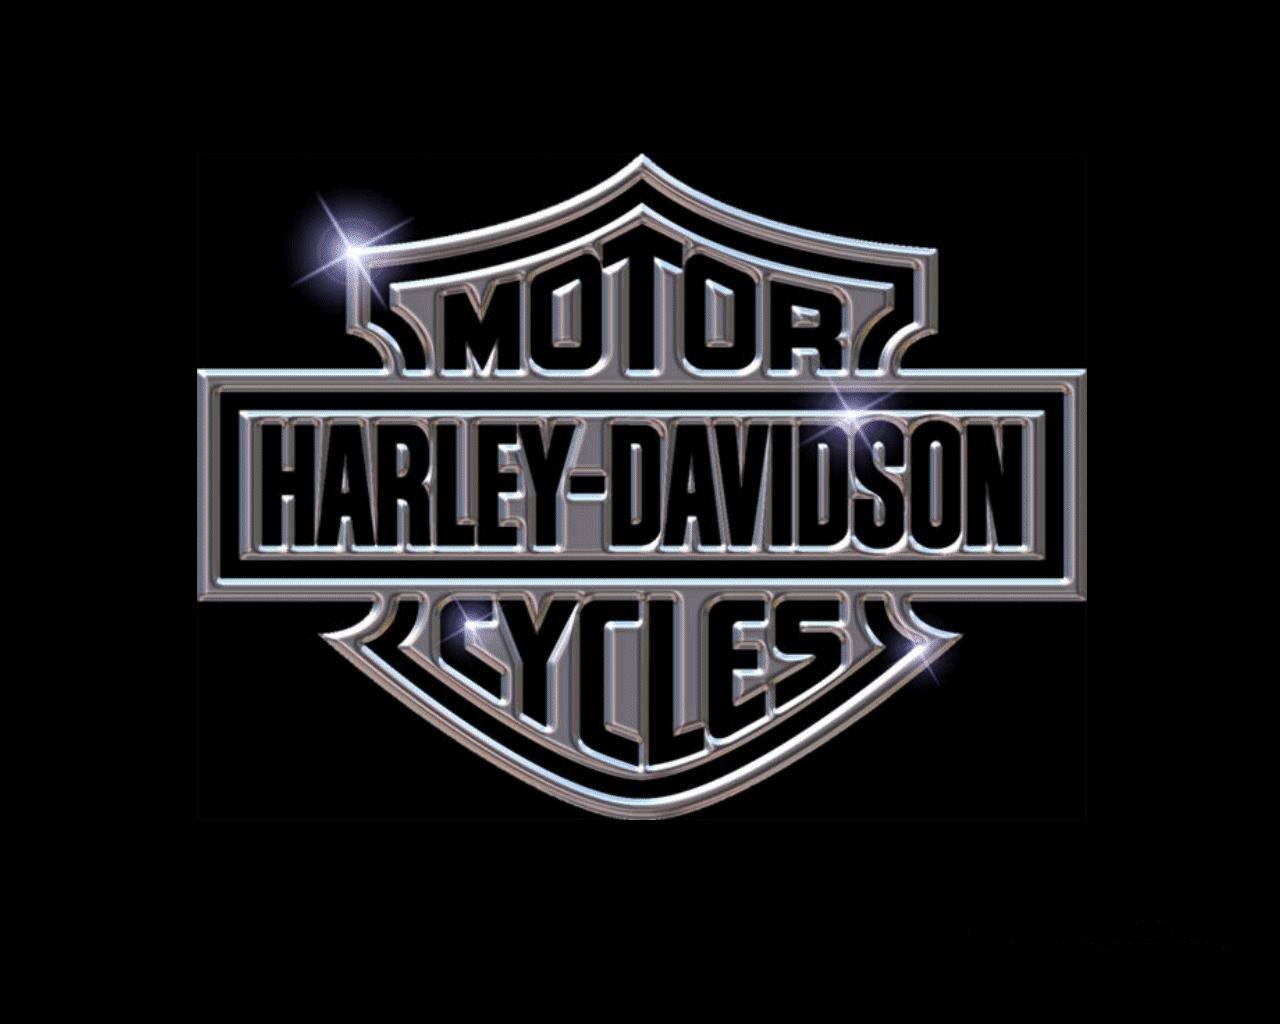 Tablet Wallpaper Hd Harley Davidson Wallpaper